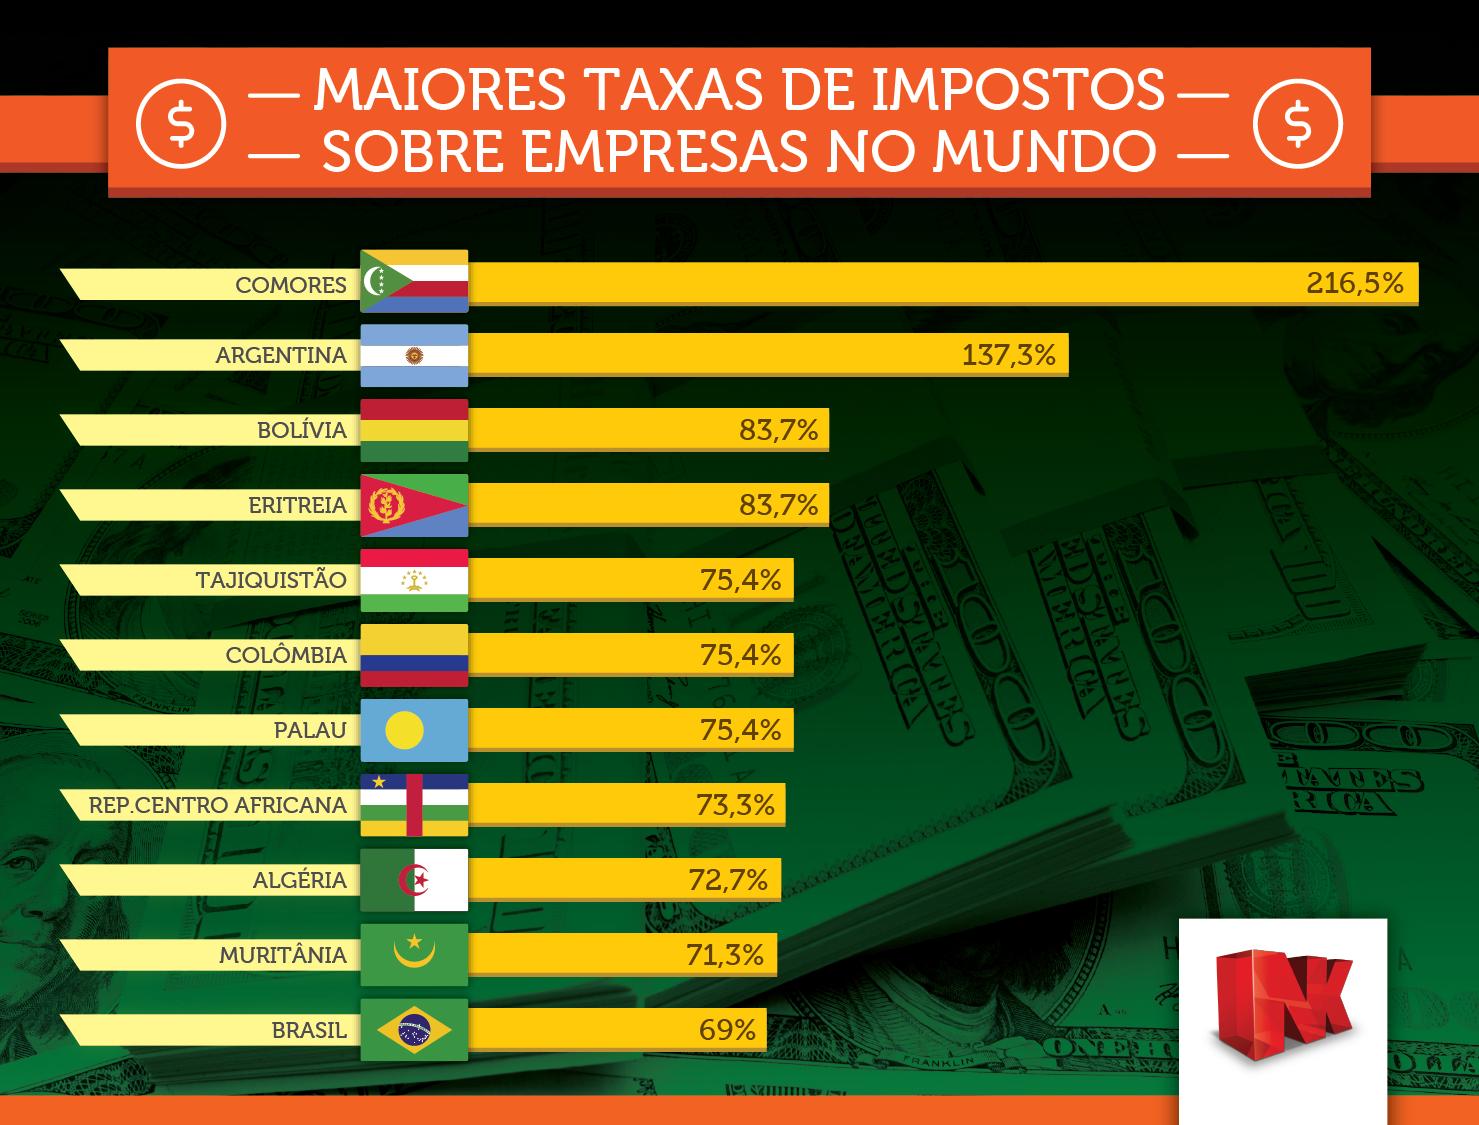 Países com as maiores taxas de impostos